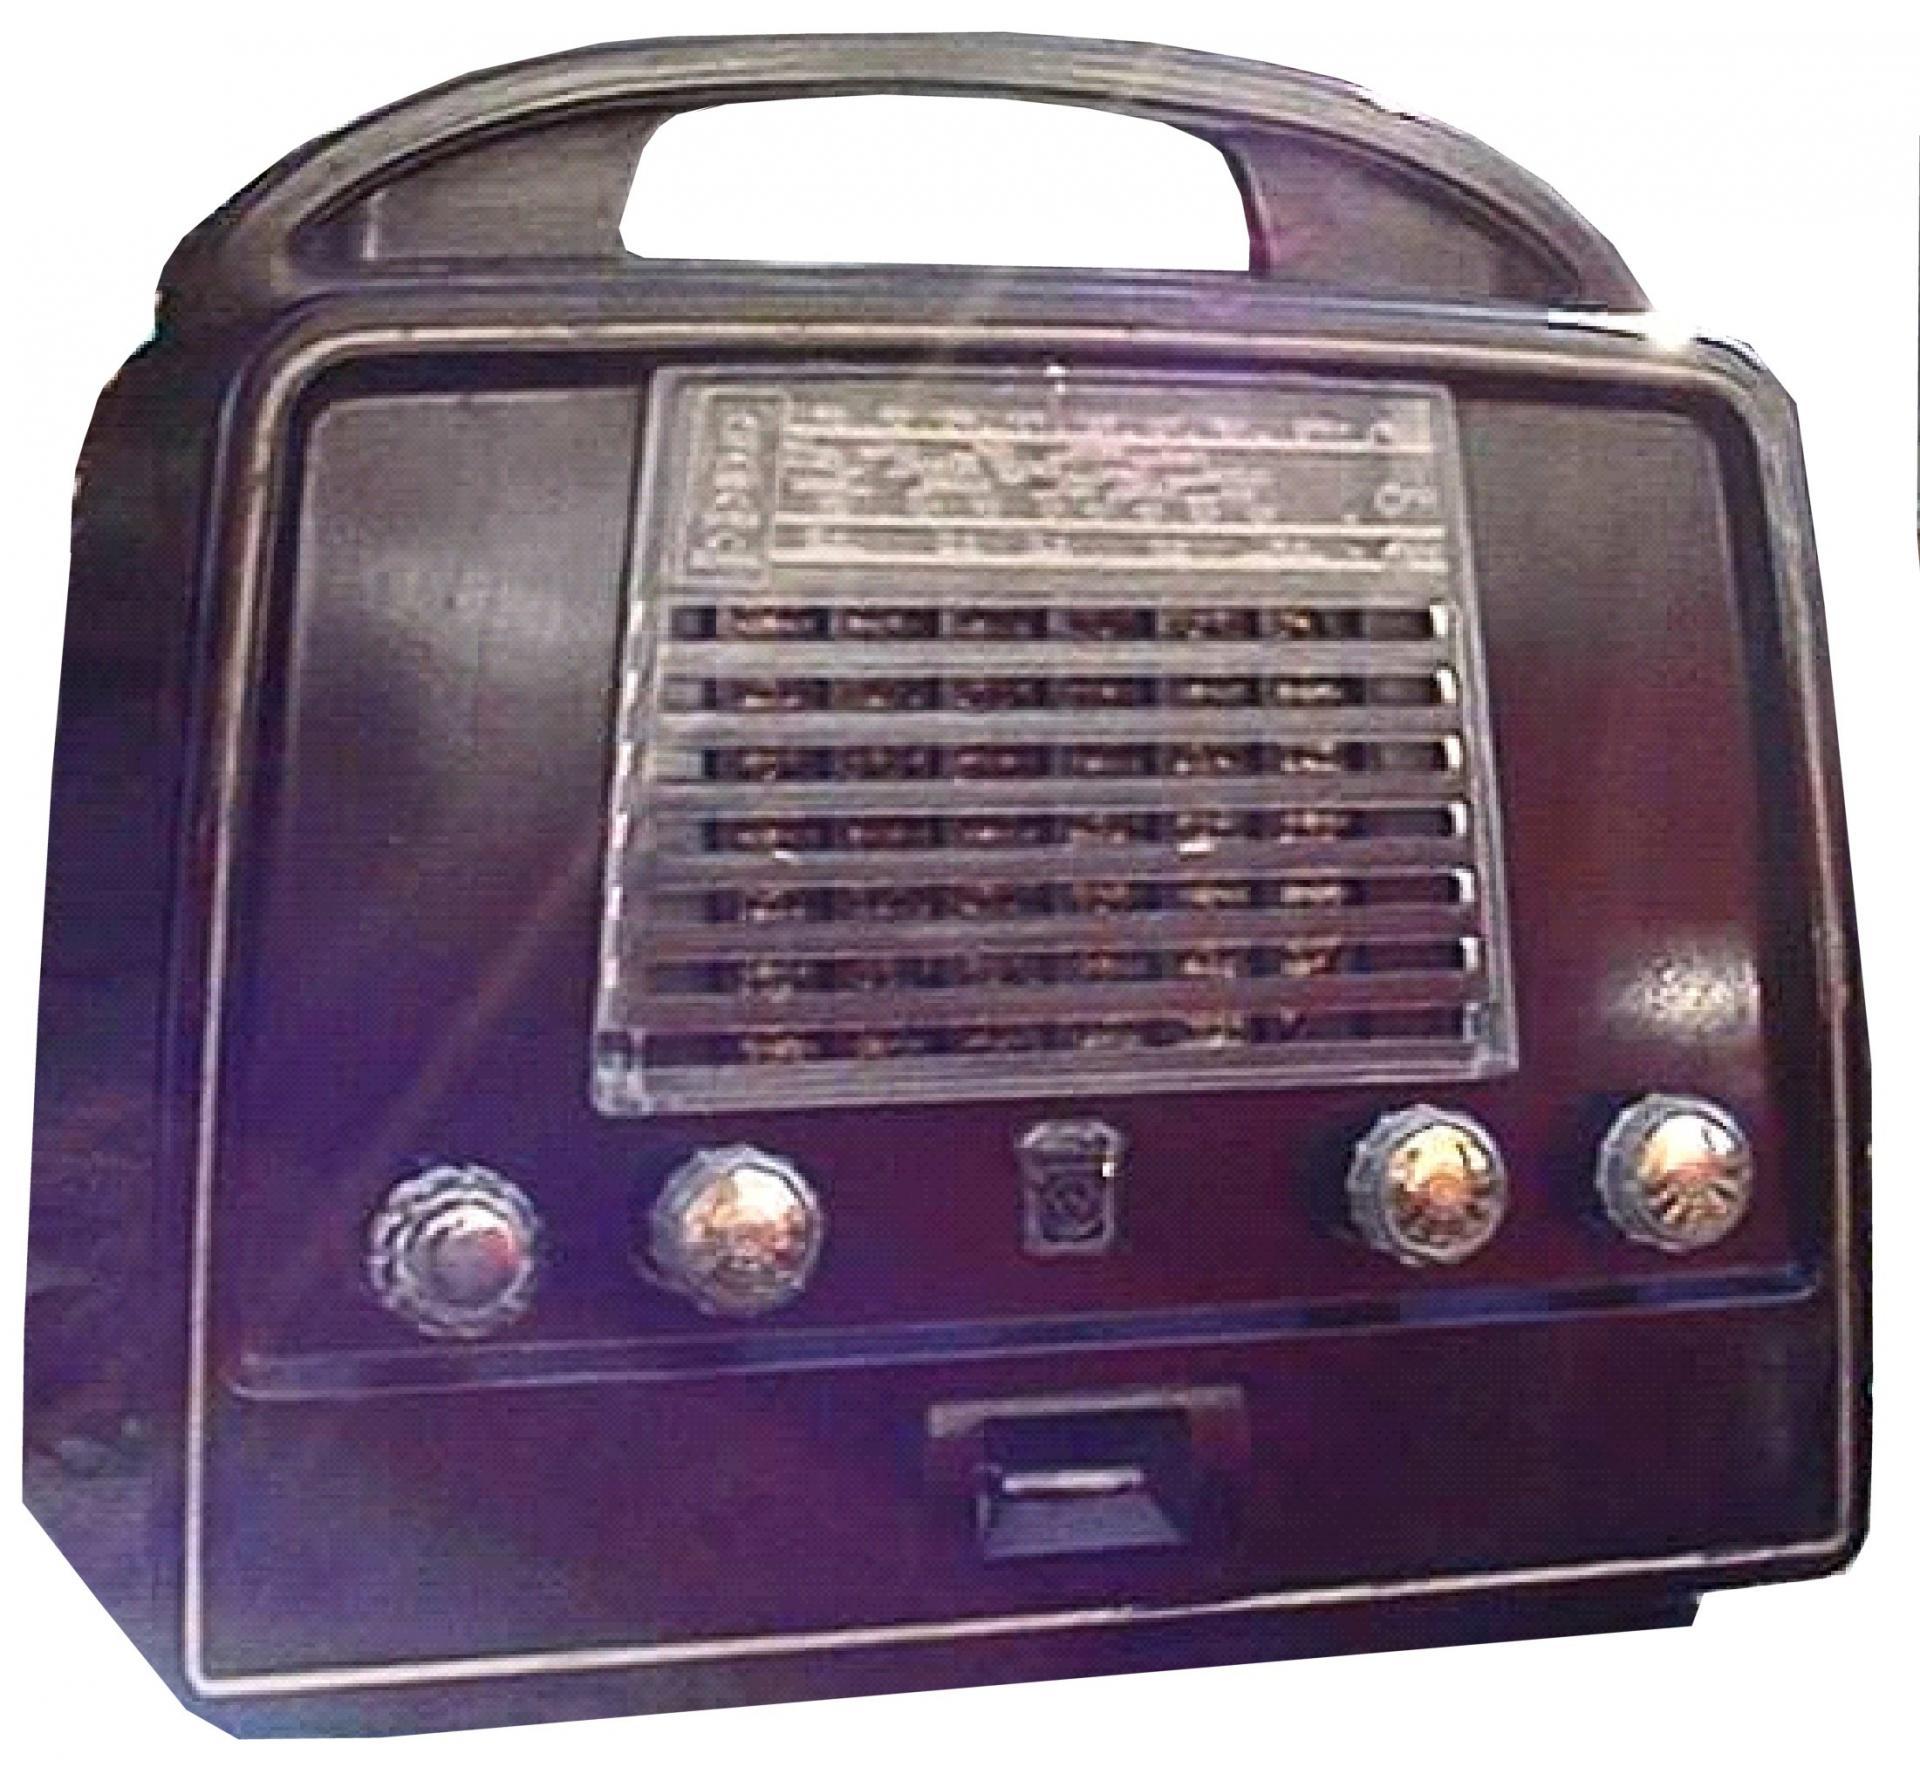 Radiola RA399AB 1954